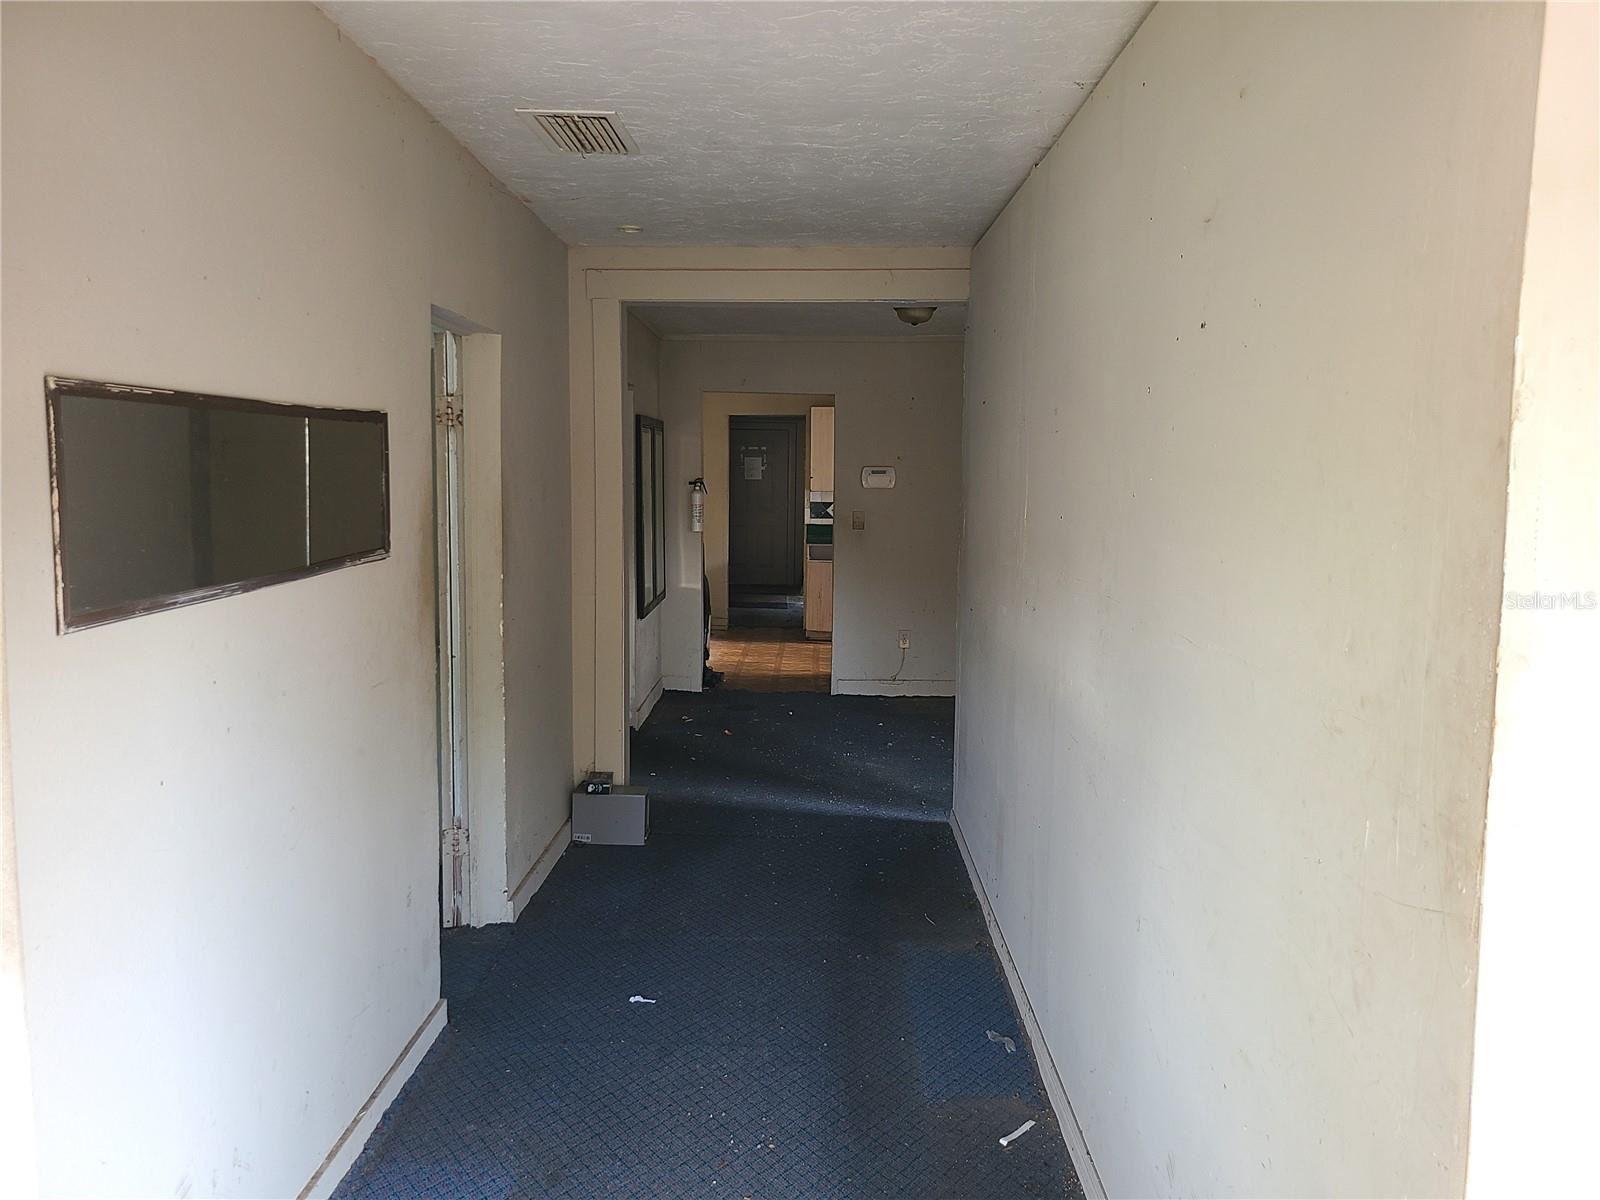 Photo of 2608 25TH STREET, SARASOTA, FL 34234 (MLS # A4493526)